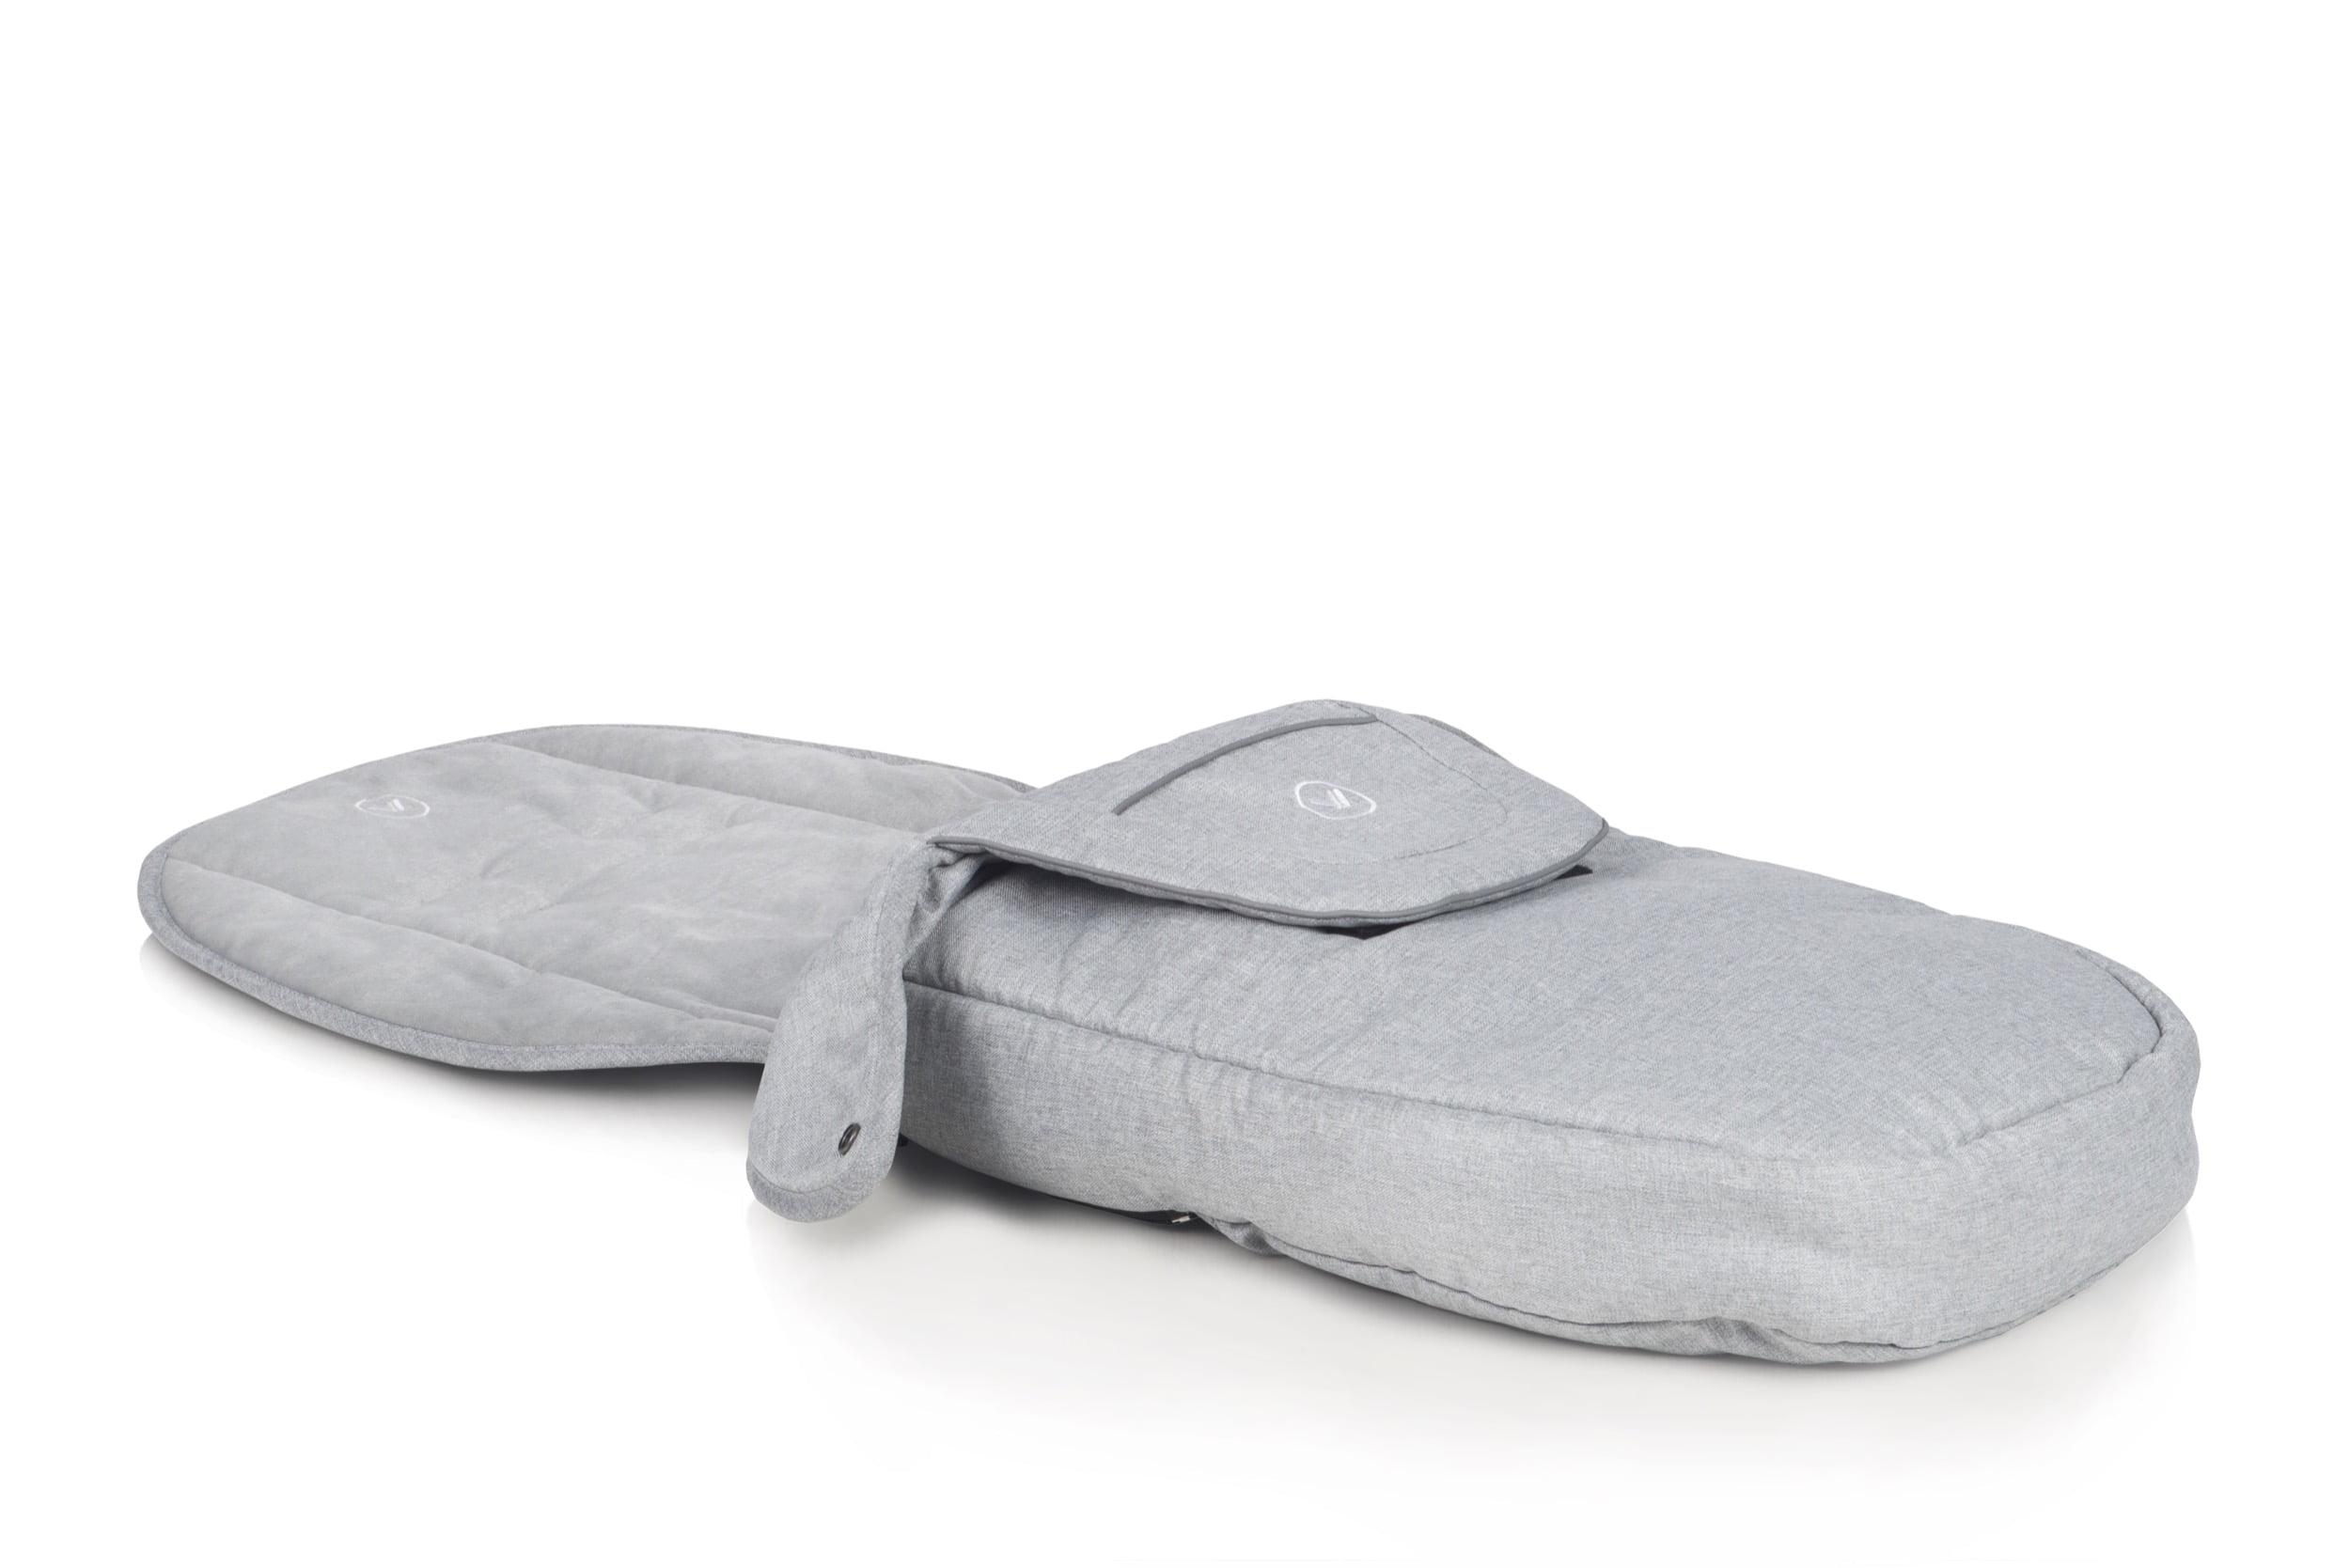 muuvo-quick-śpiworek-ochrona-zima-wkładka-pokrowiec-na-nóżki